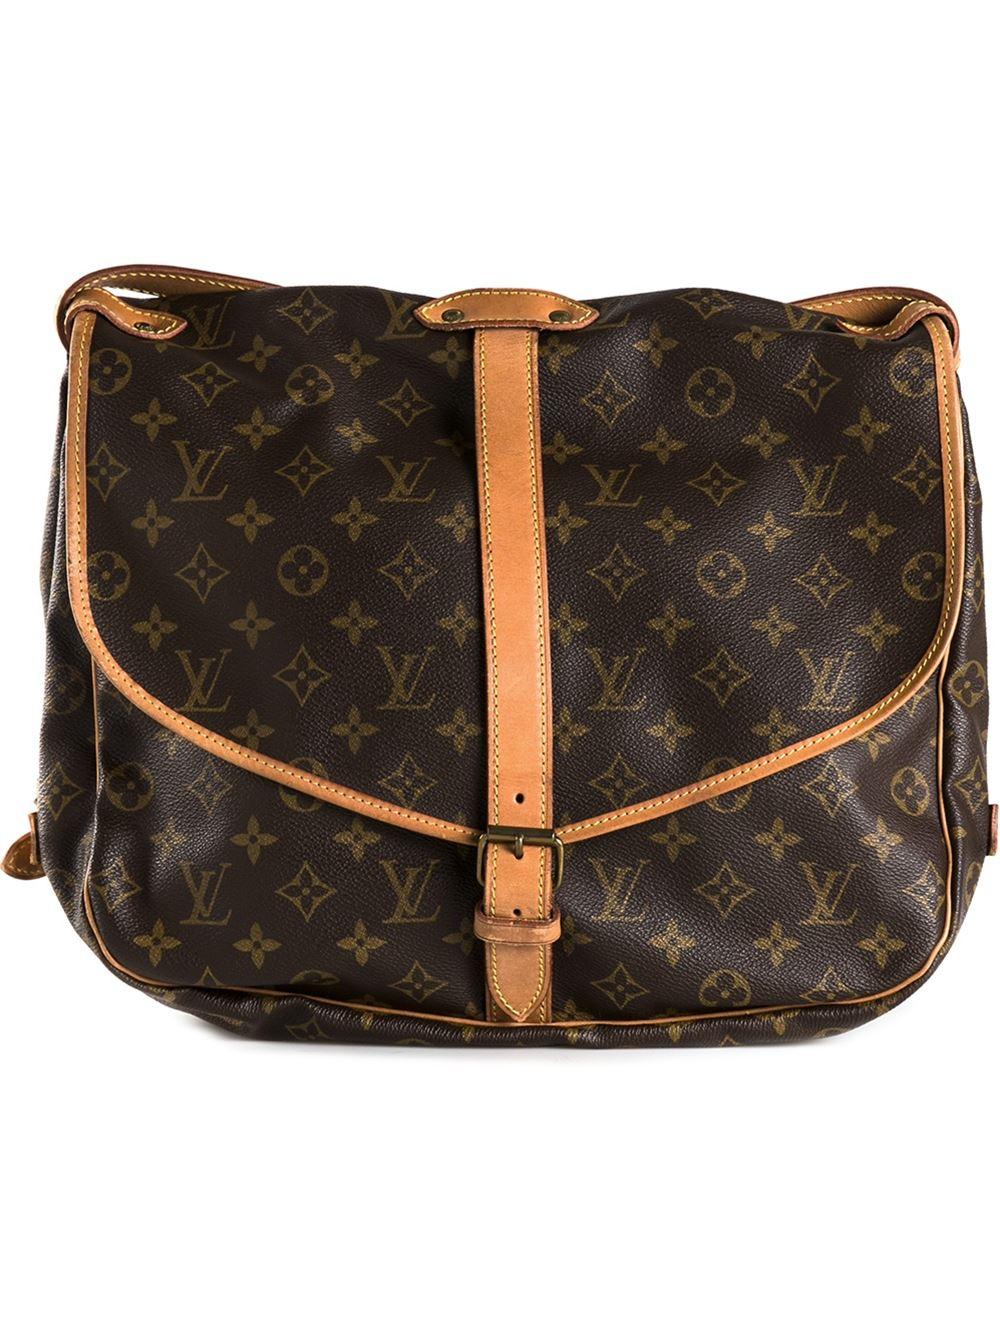 louis vuitton 39 saumur 35 39 shoulder bag in brown lyst. Black Bedroom Furniture Sets. Home Design Ideas